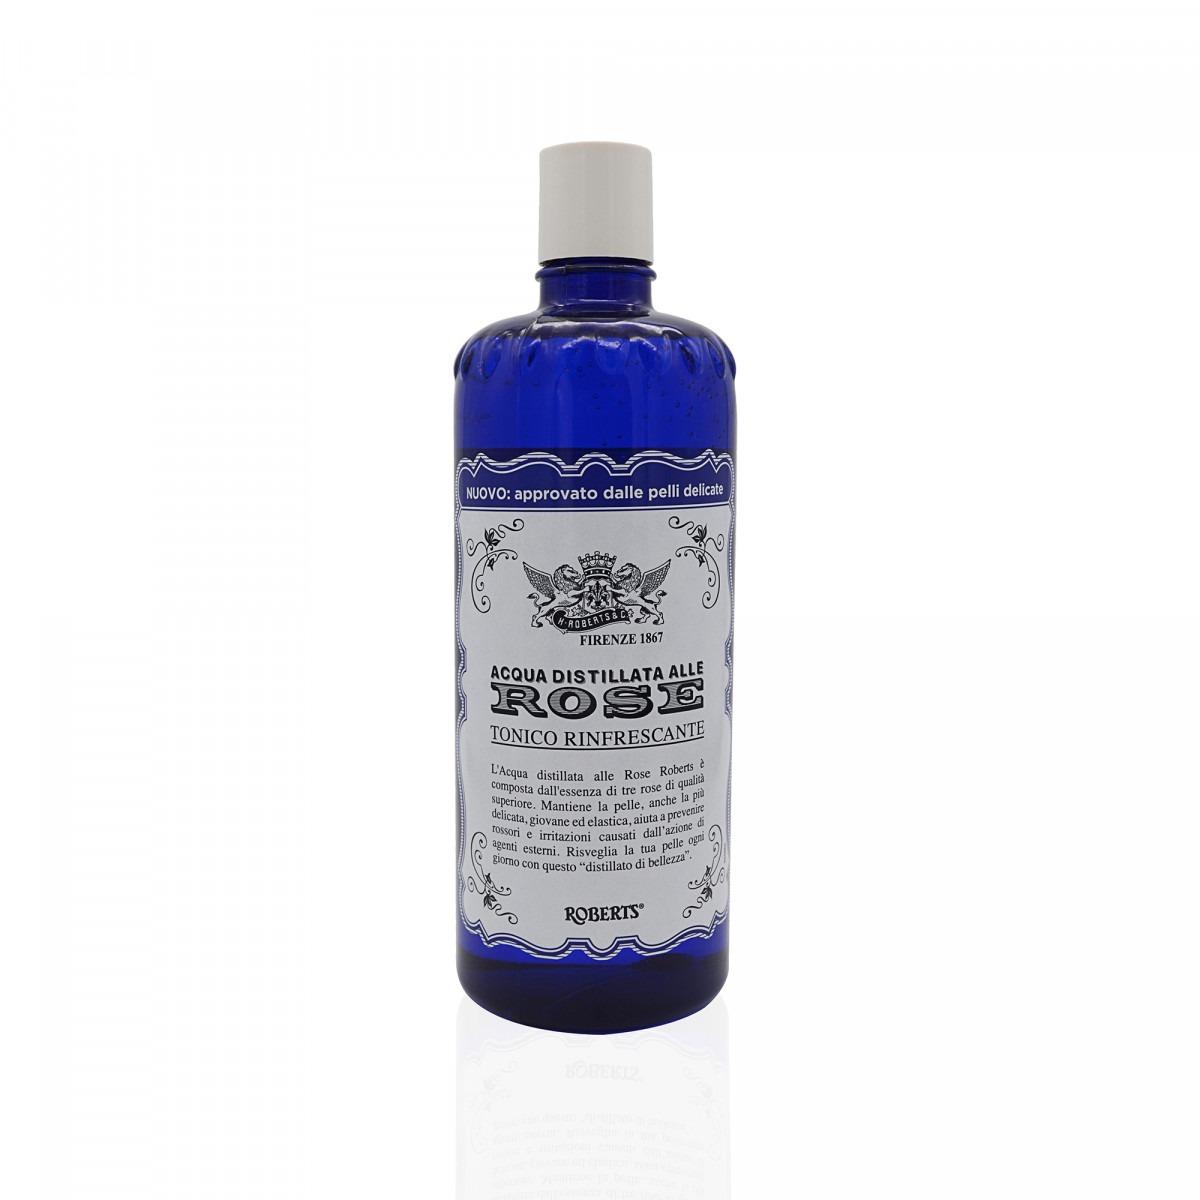 Acqua alle Rose Classic Distilled Rose Tonic 300ml